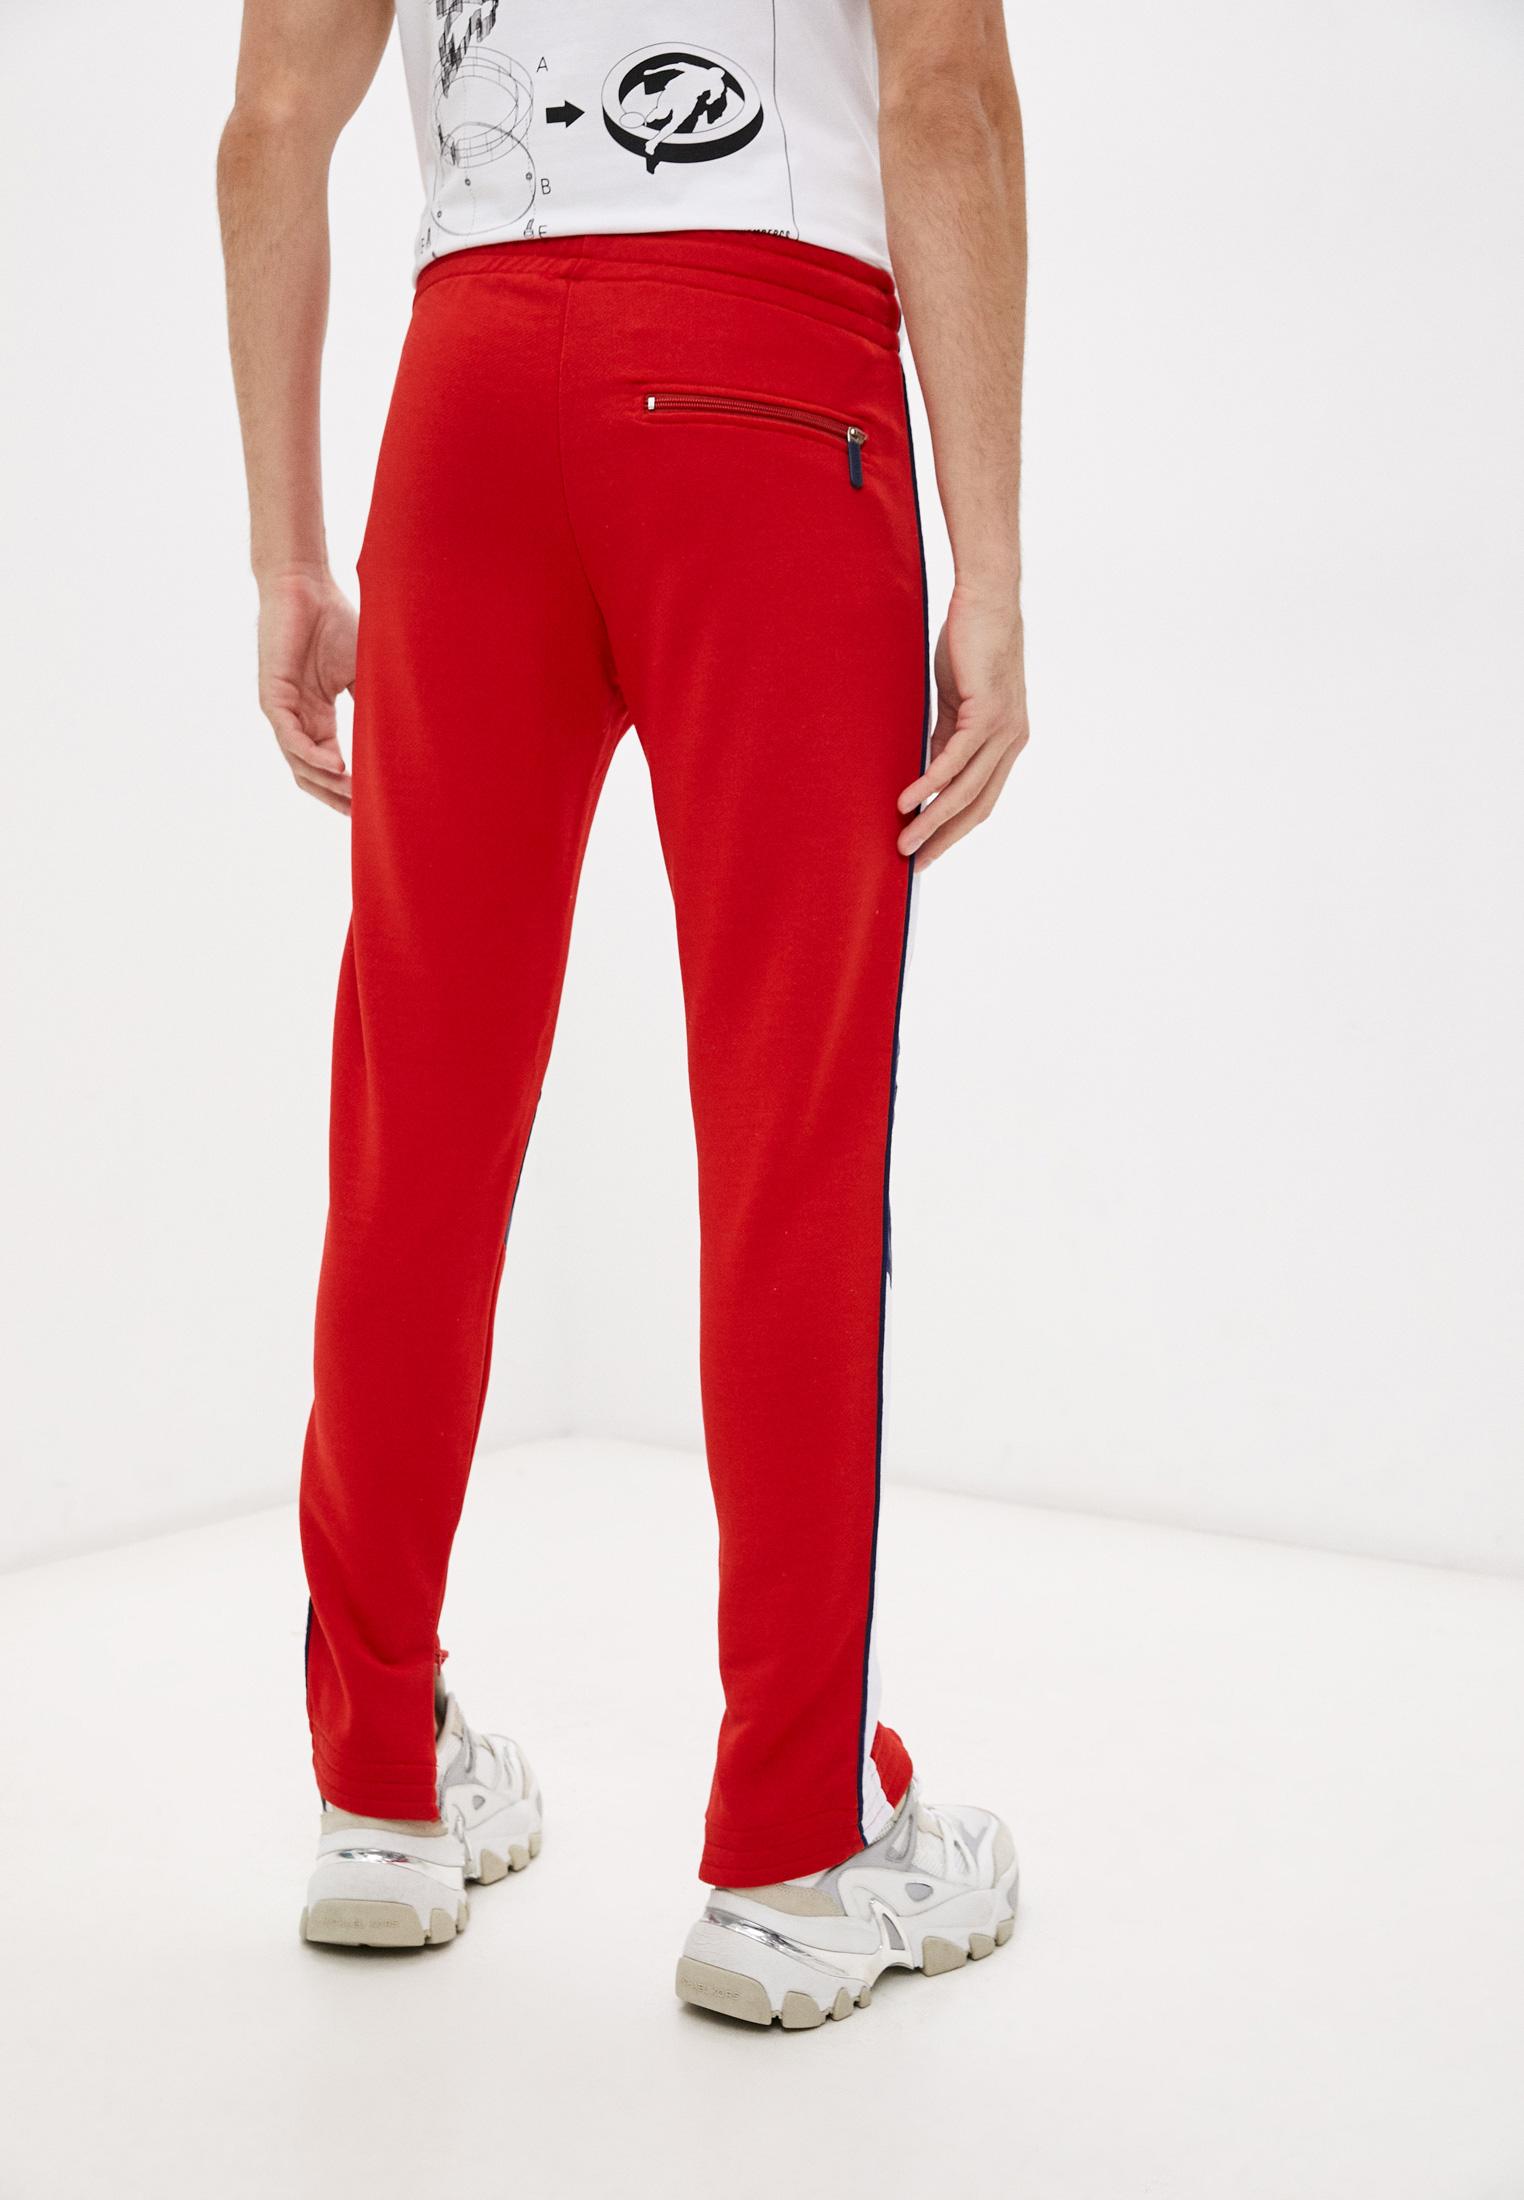 Мужские спортивные брюки Bikkembergs (Биккембергс) C 1 102 00 M 4118: изображение 4